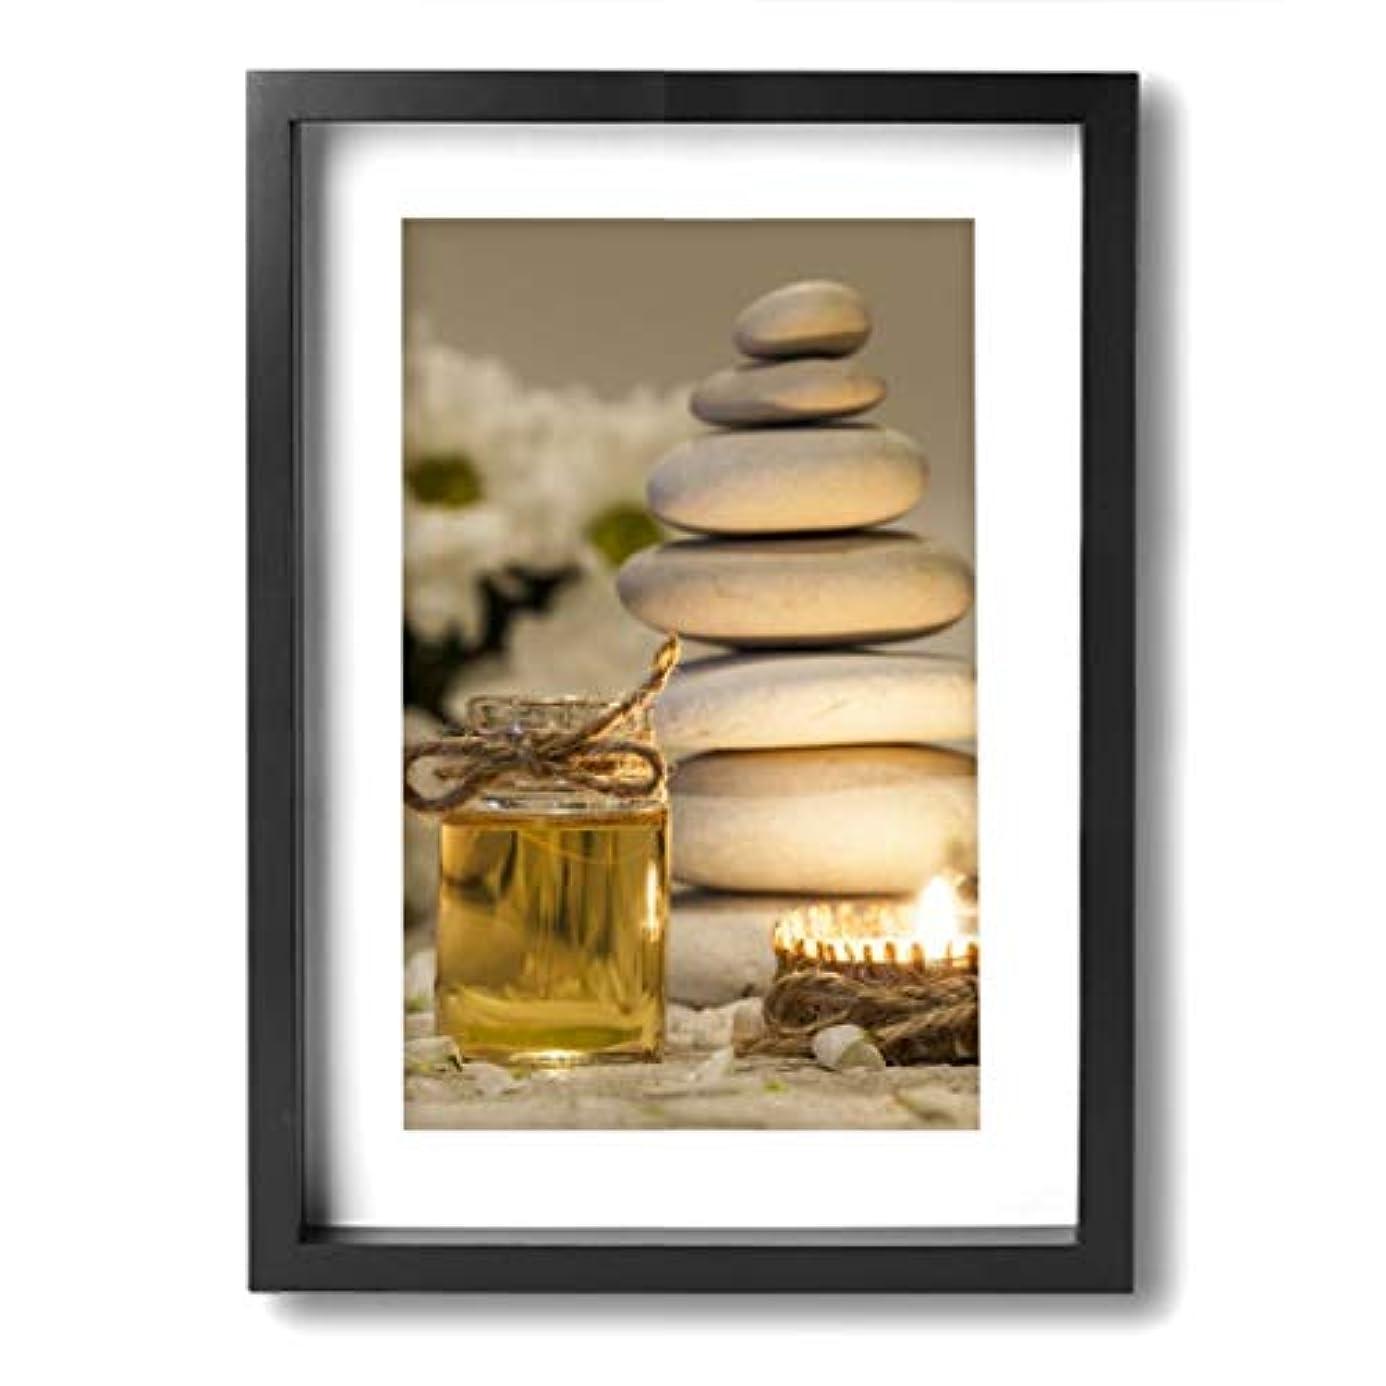 までビジネス回転する魅力的な芸術 20x30cm Chamomile Essential Oil Chamomile Flowers キャンバスの壁アート 画像プリント絵画リビングルームの壁の装飾と家の装飾のための現代アートワークハングする...